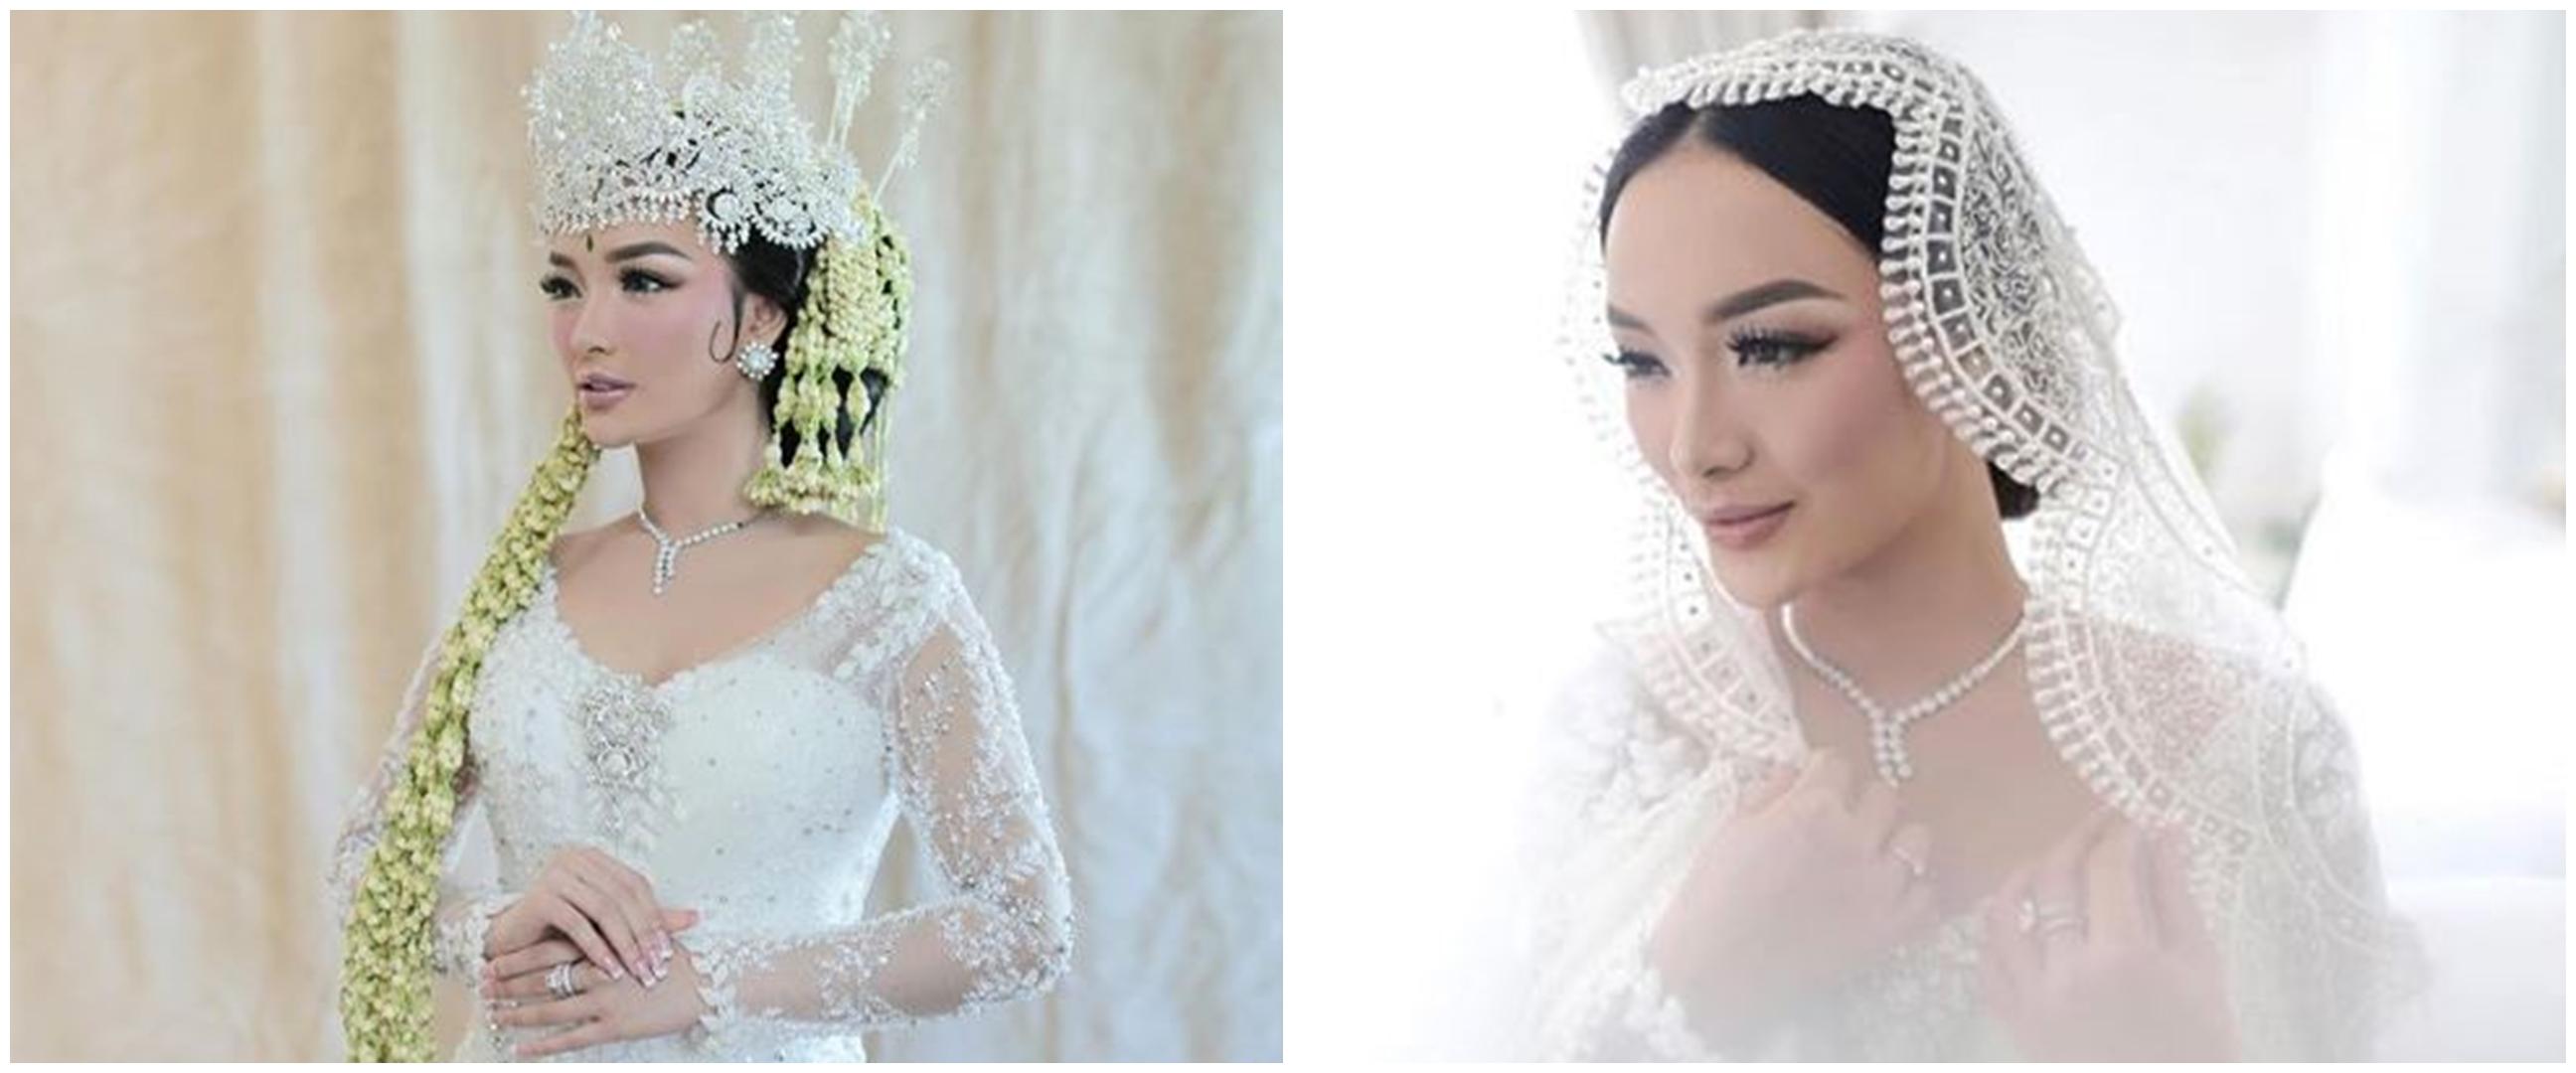 Harga gaun pernikahan Zaskia Gotik nominalnya bikin melongo